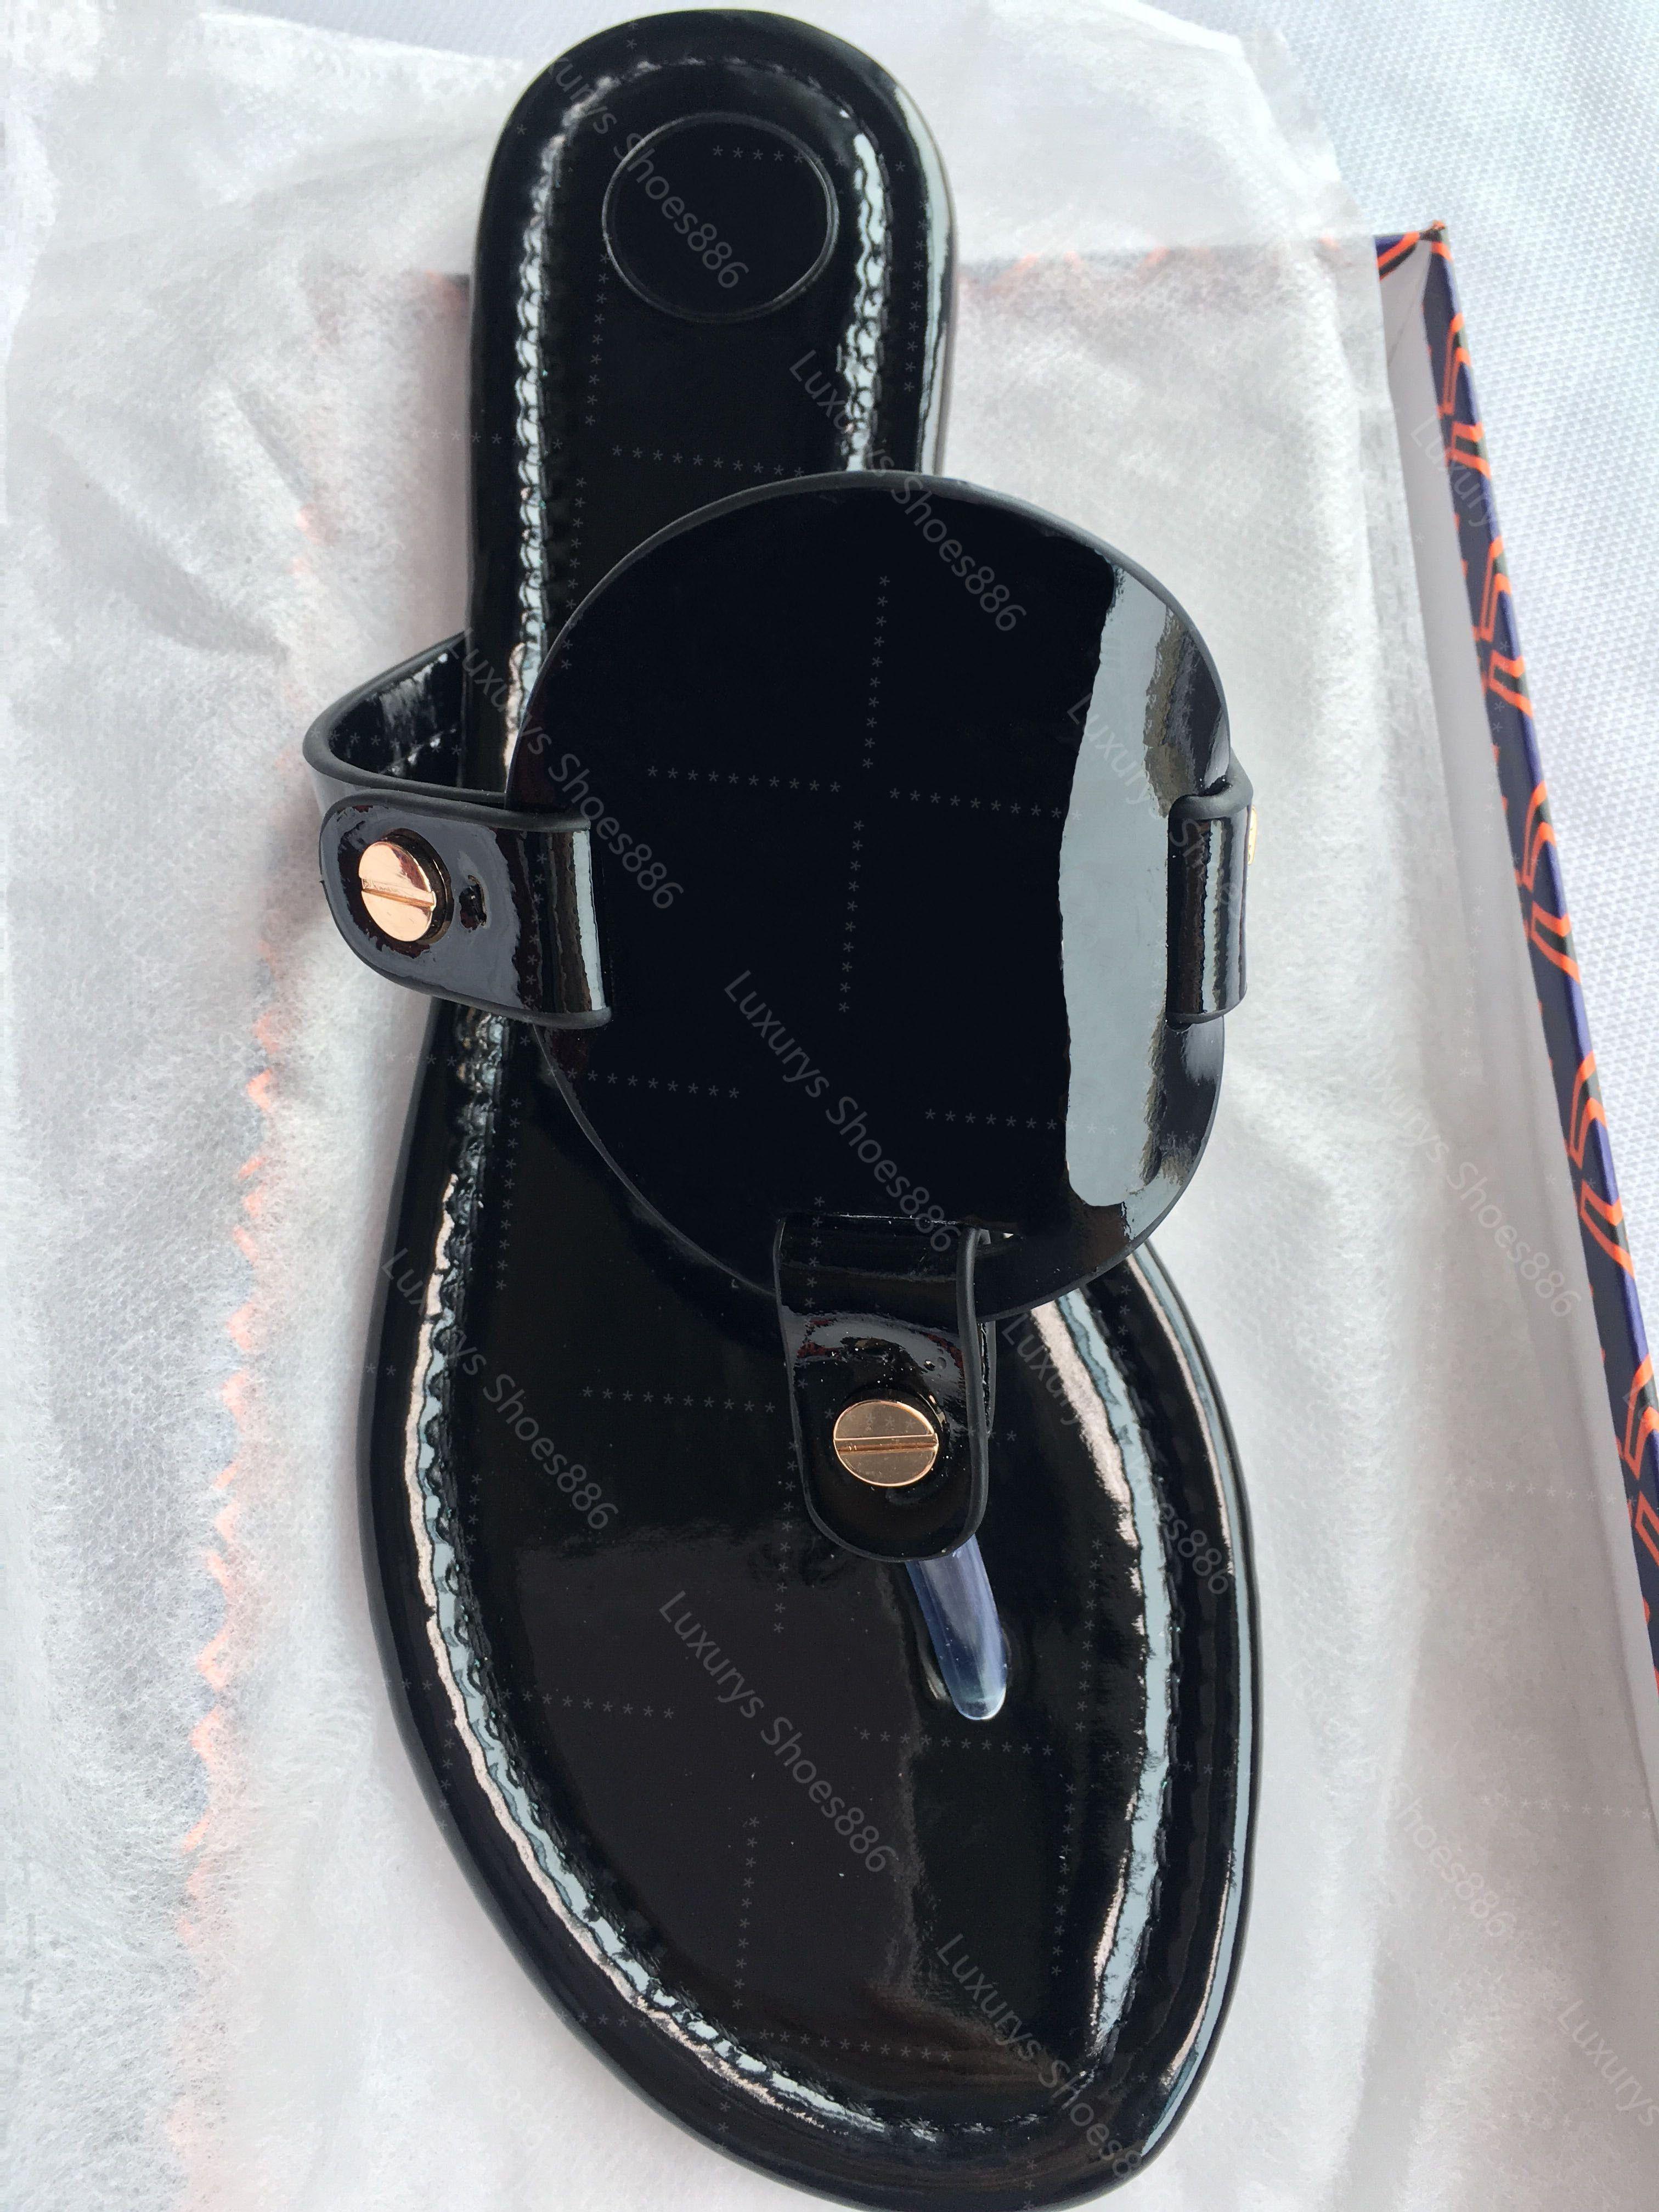 Yüksek Kaliteli kadın Düz Terlik Lüks Tasarımcı Sandalet Deri Marka Kızlar Slayt Sandalet Rahat Çevirme Boyutu 35-43 Kutusu Ile